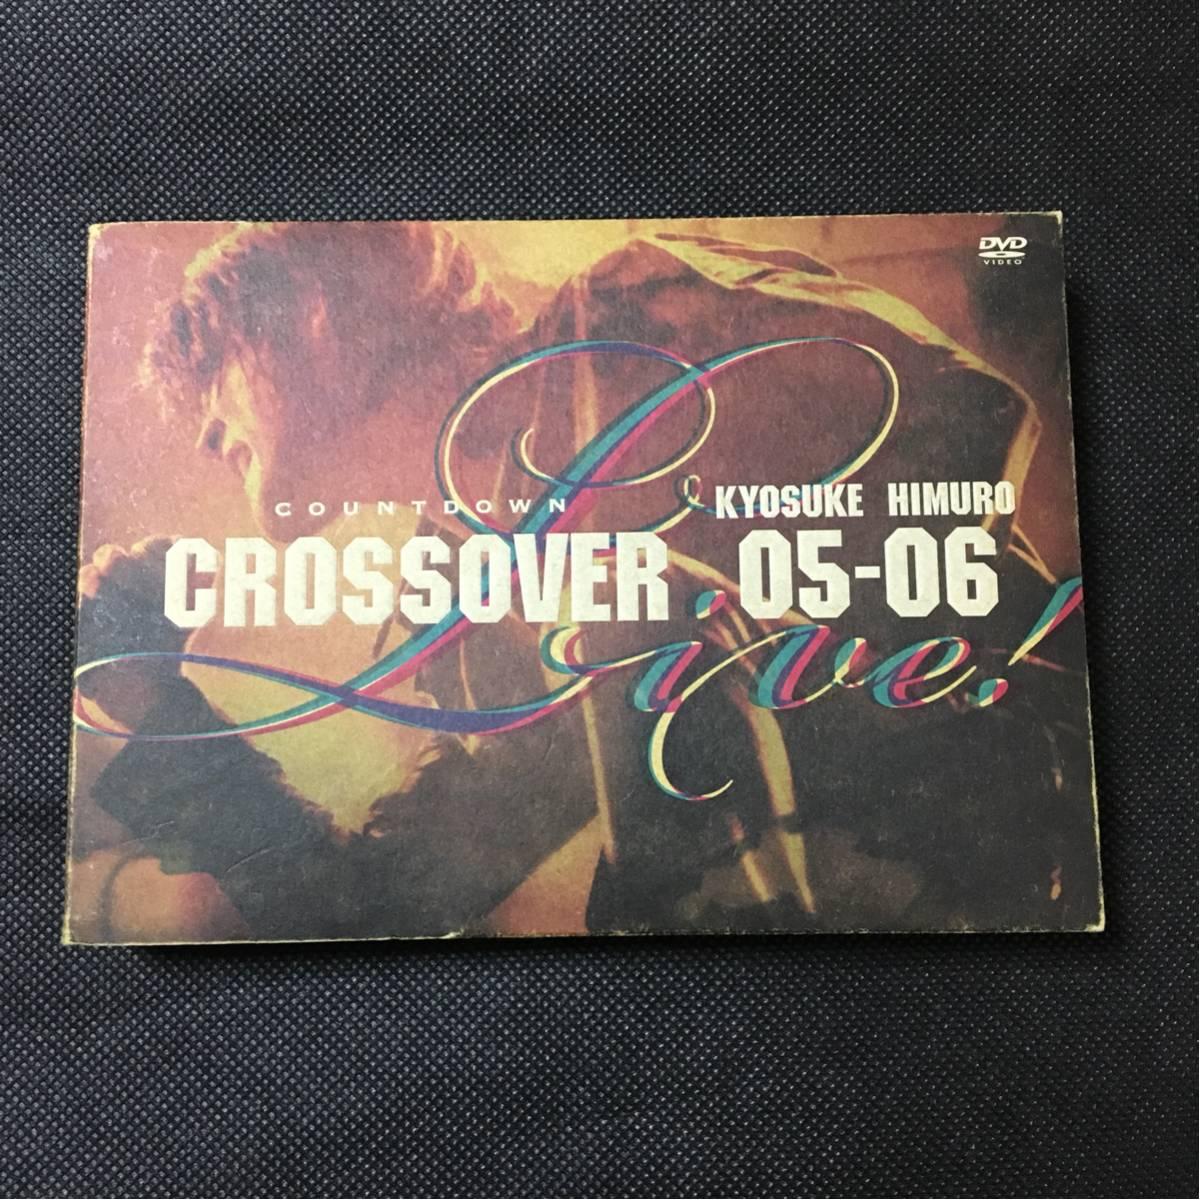 氷室京介 DVD 4枚組 KYOSUKE HIMURO COUNTDOWN LIVE CROSSOVER 05-06 1st STAGE / 2nd STAGE